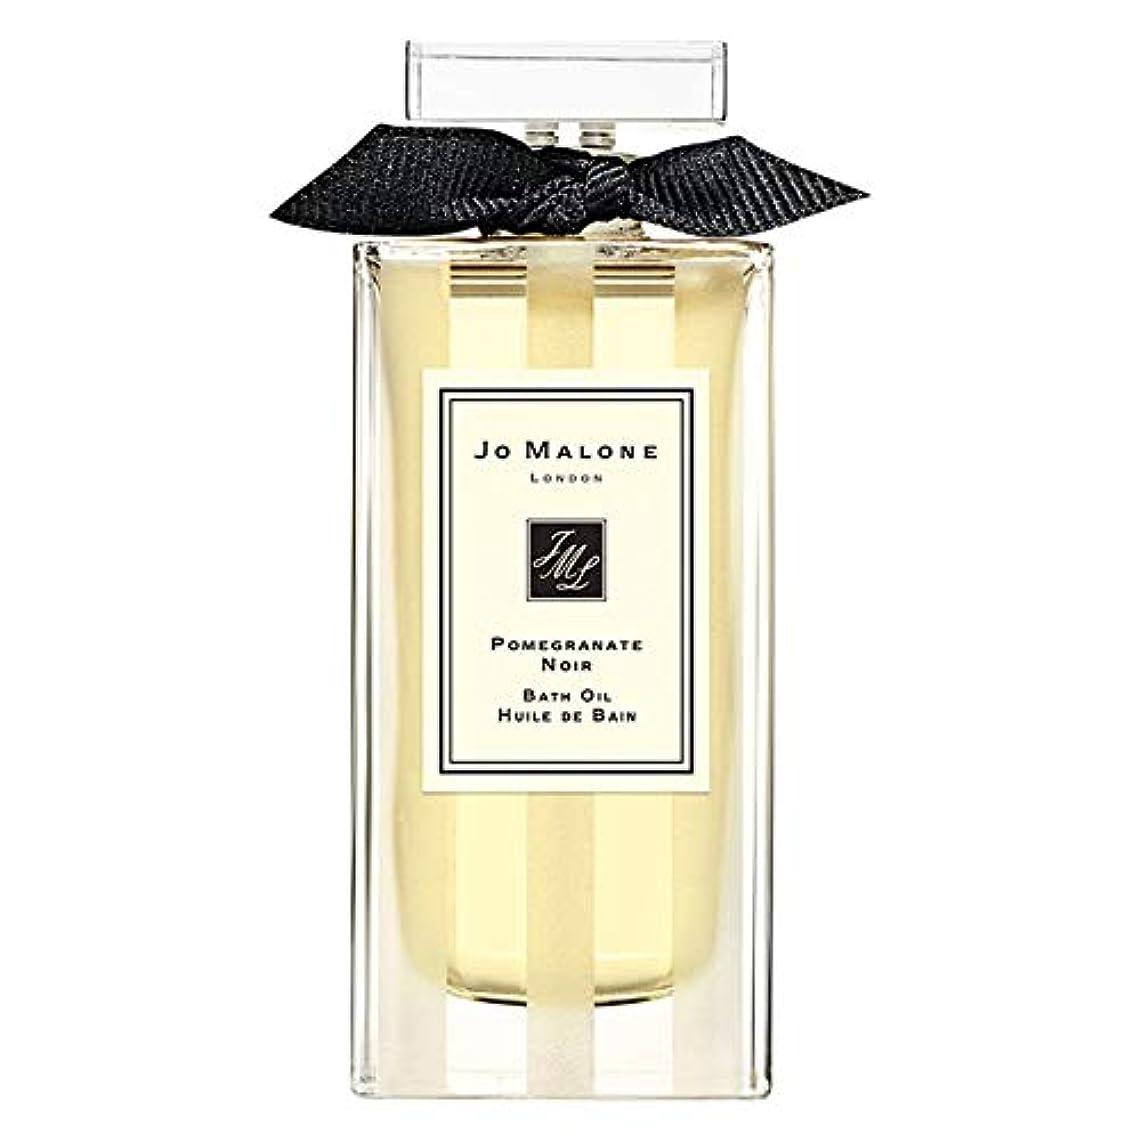 宴会収穫時々時々[Jo Malone] ジョーマローンロンドンバスザクロノワールバスオイル30ミリリットル - Jo Malone London Bath Pomegranate Noir Bath Oil 30ml [並行輸入品]